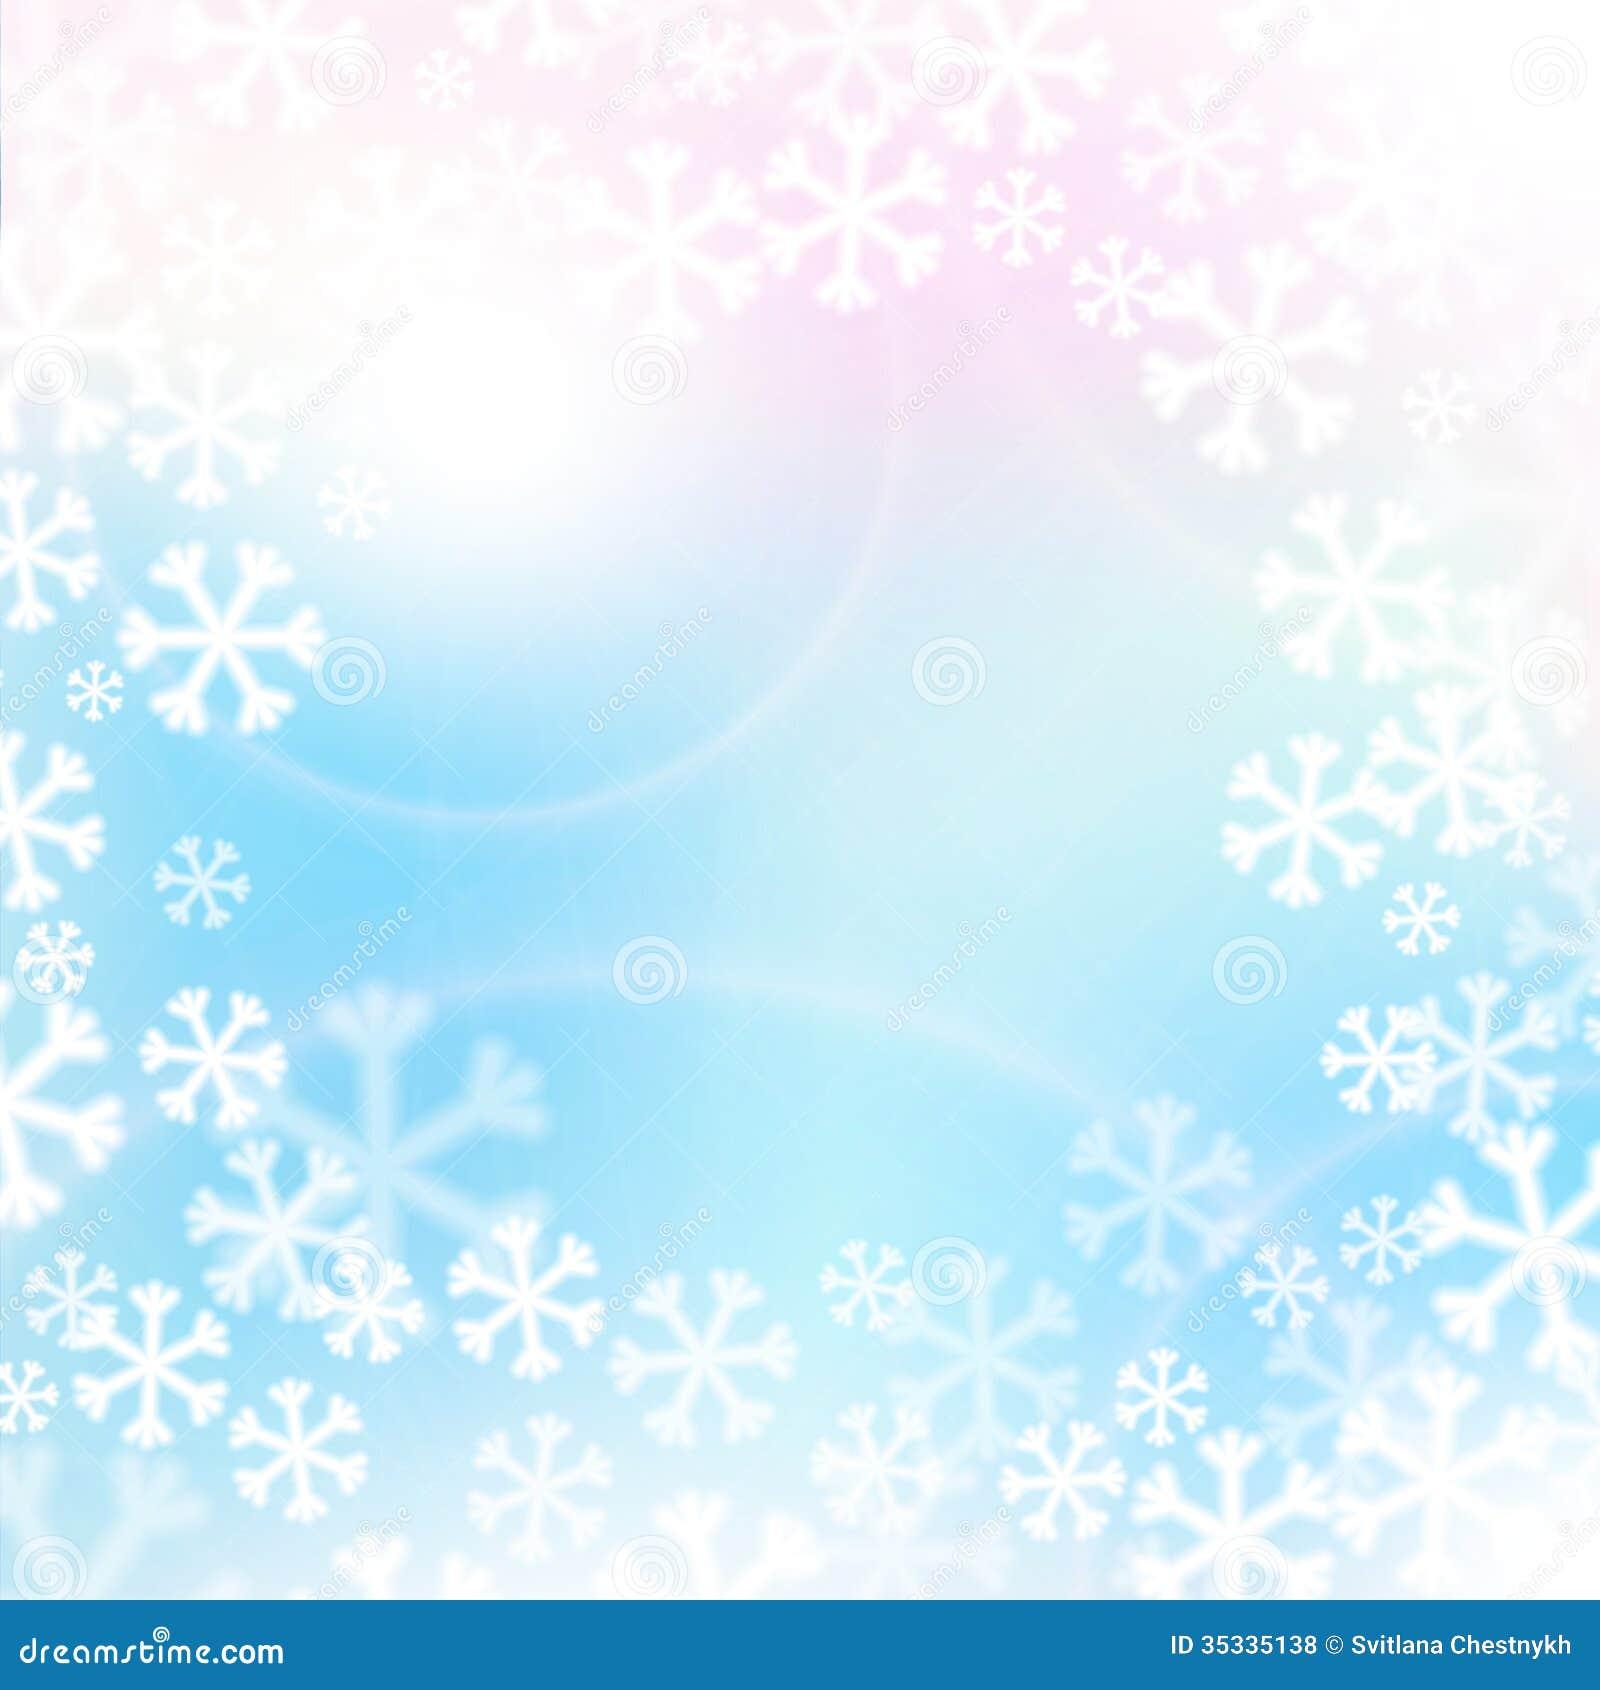 Vistoso Navidad Para Colorear Páginas Copos De Nieve Bandera ...